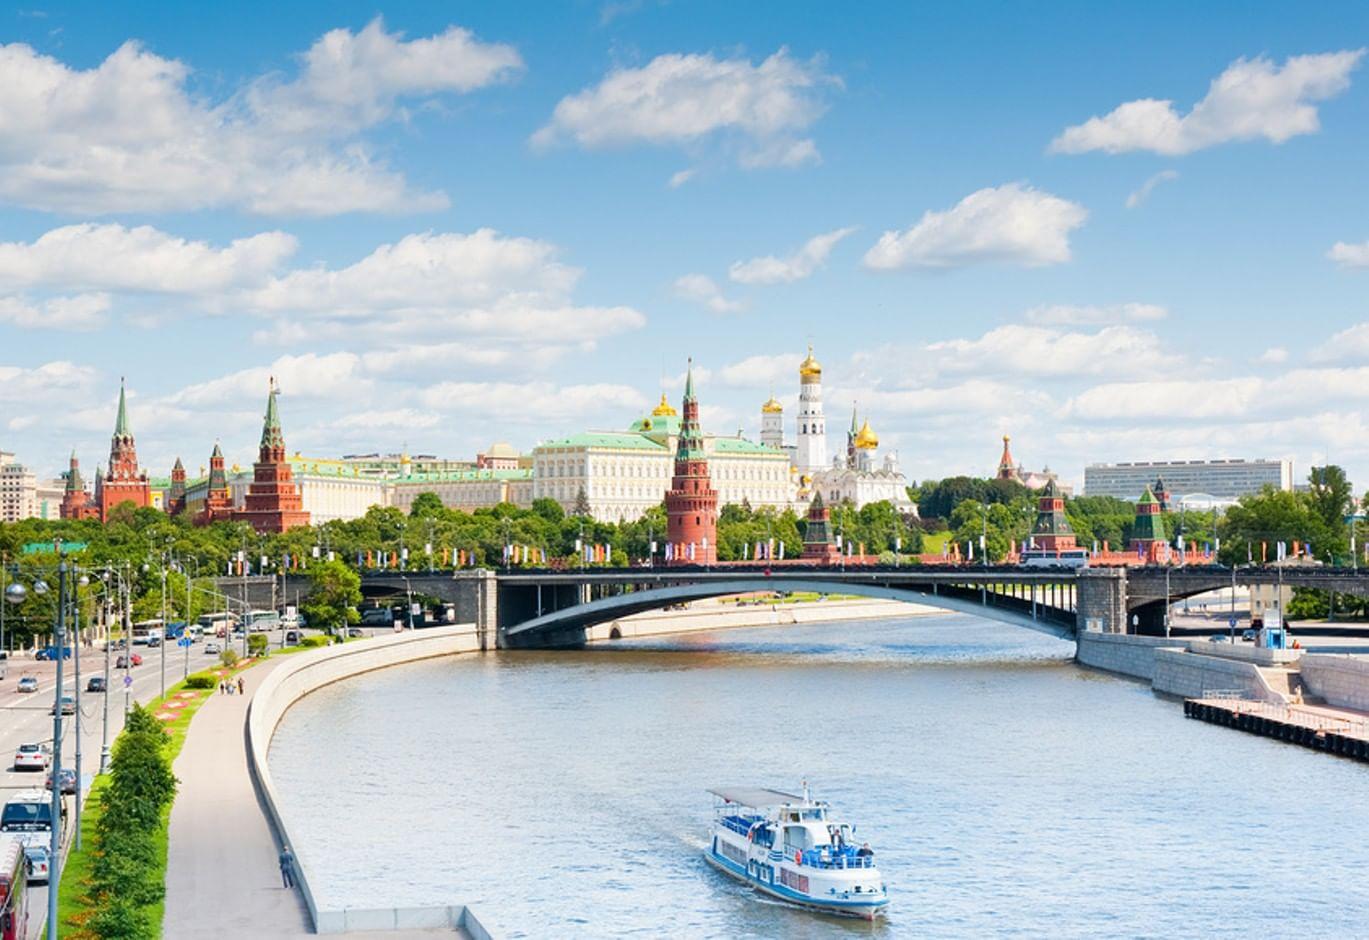 ТОП-5 необычных виртуальных экскурсий. Галерея 1. Экскурсия по кремлям